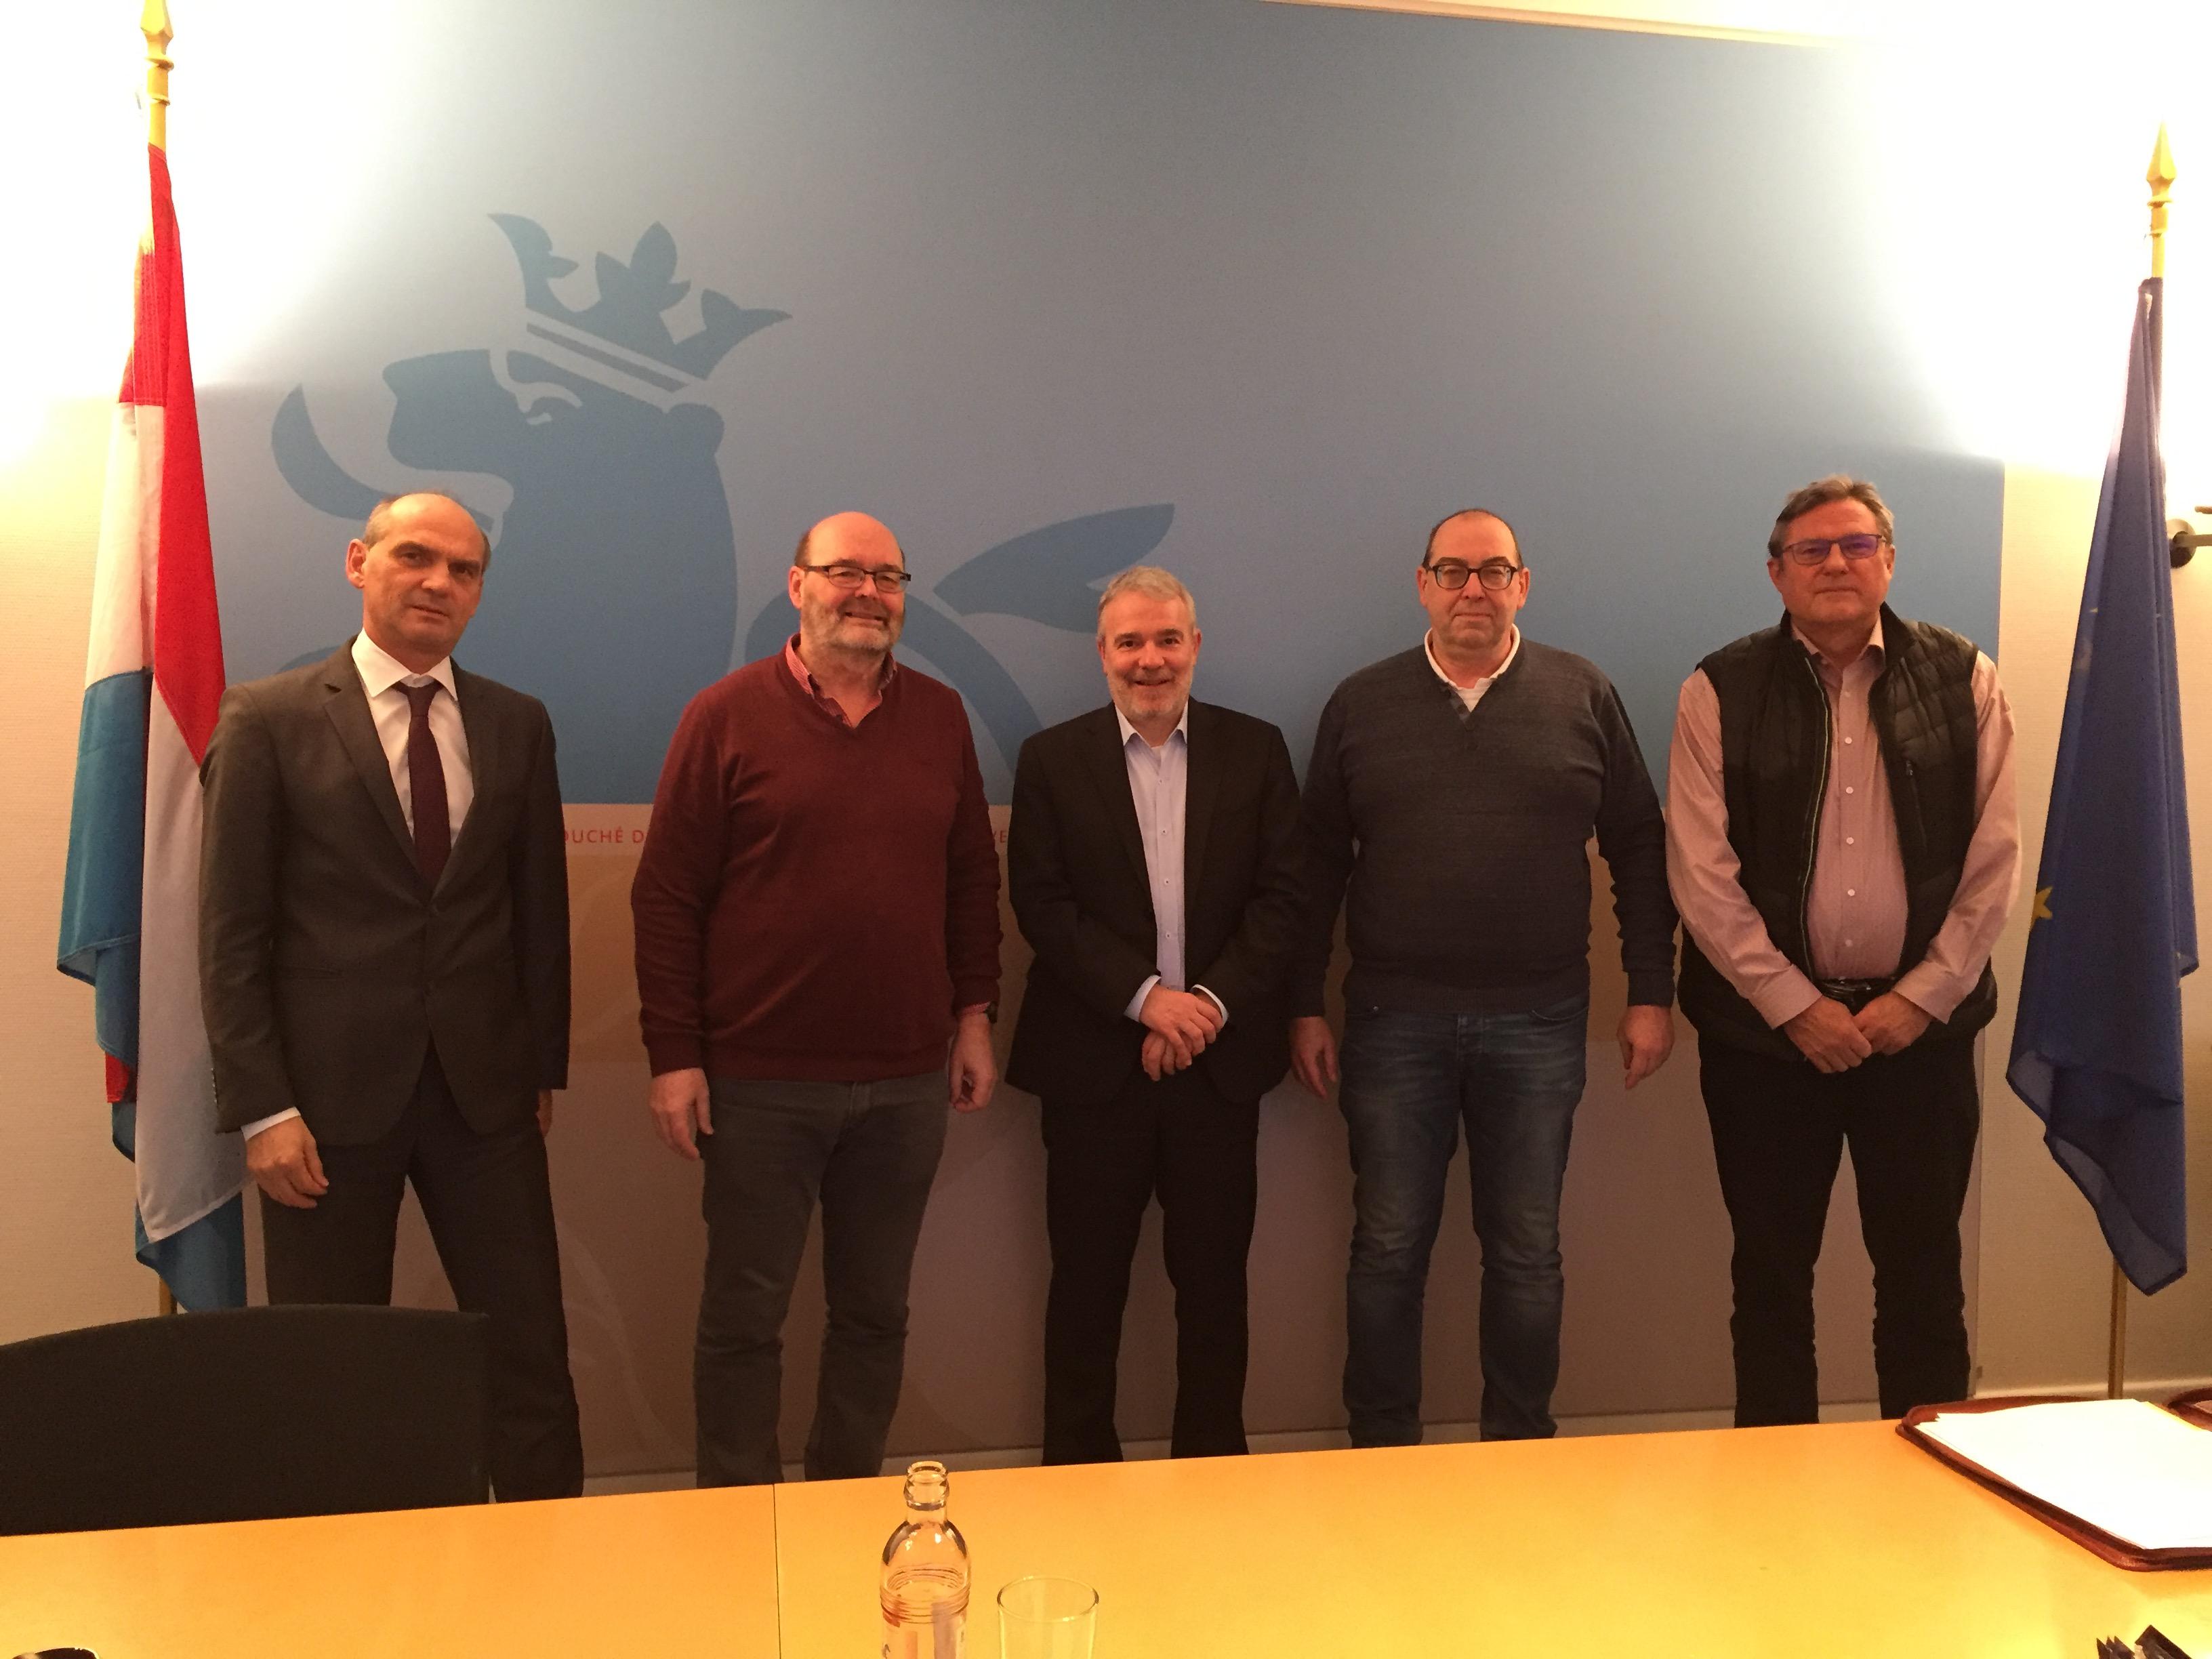 Réunion de travail avec le Ministre des Sports Dan Kersch